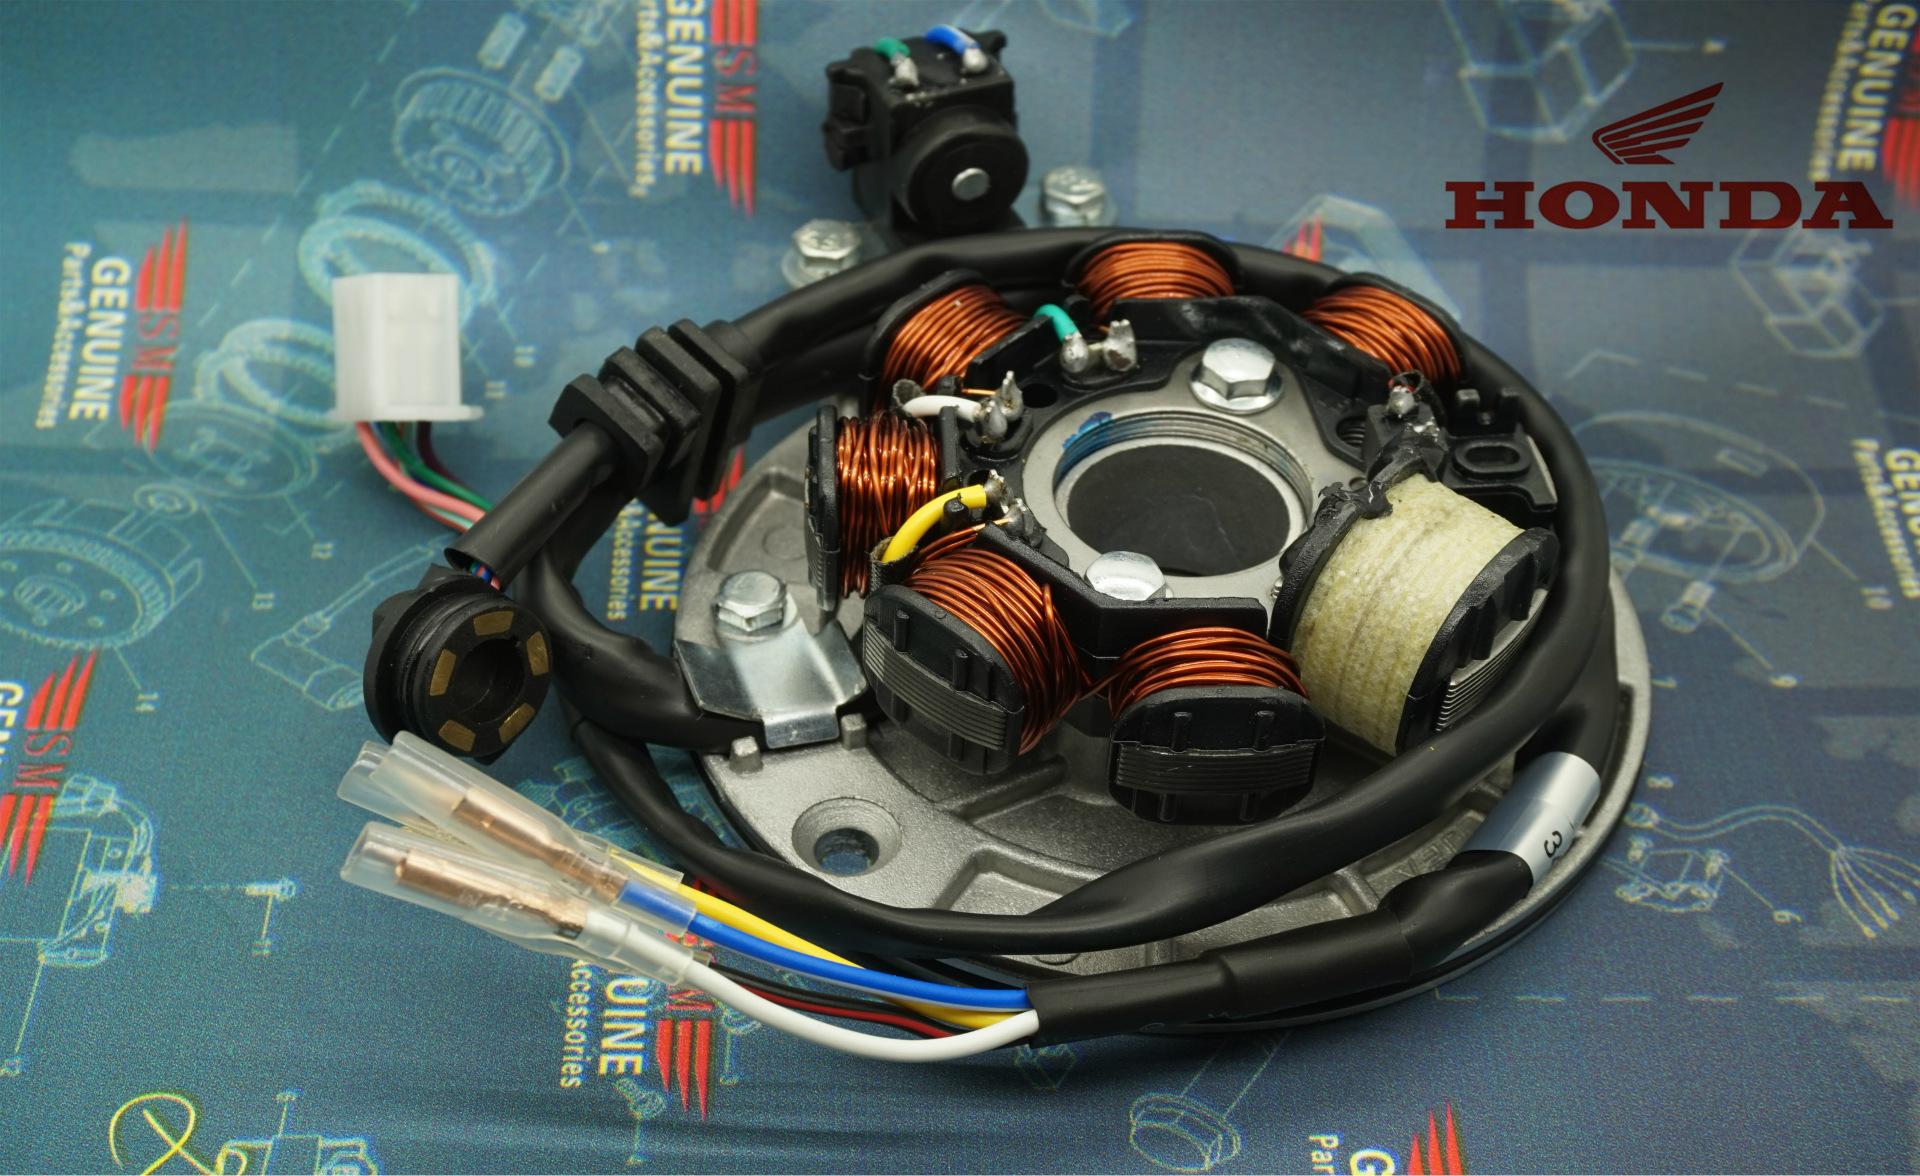 HONDA CD70 STATOR ASSY 磁电机线圈CD70 Magneto CD70巴基